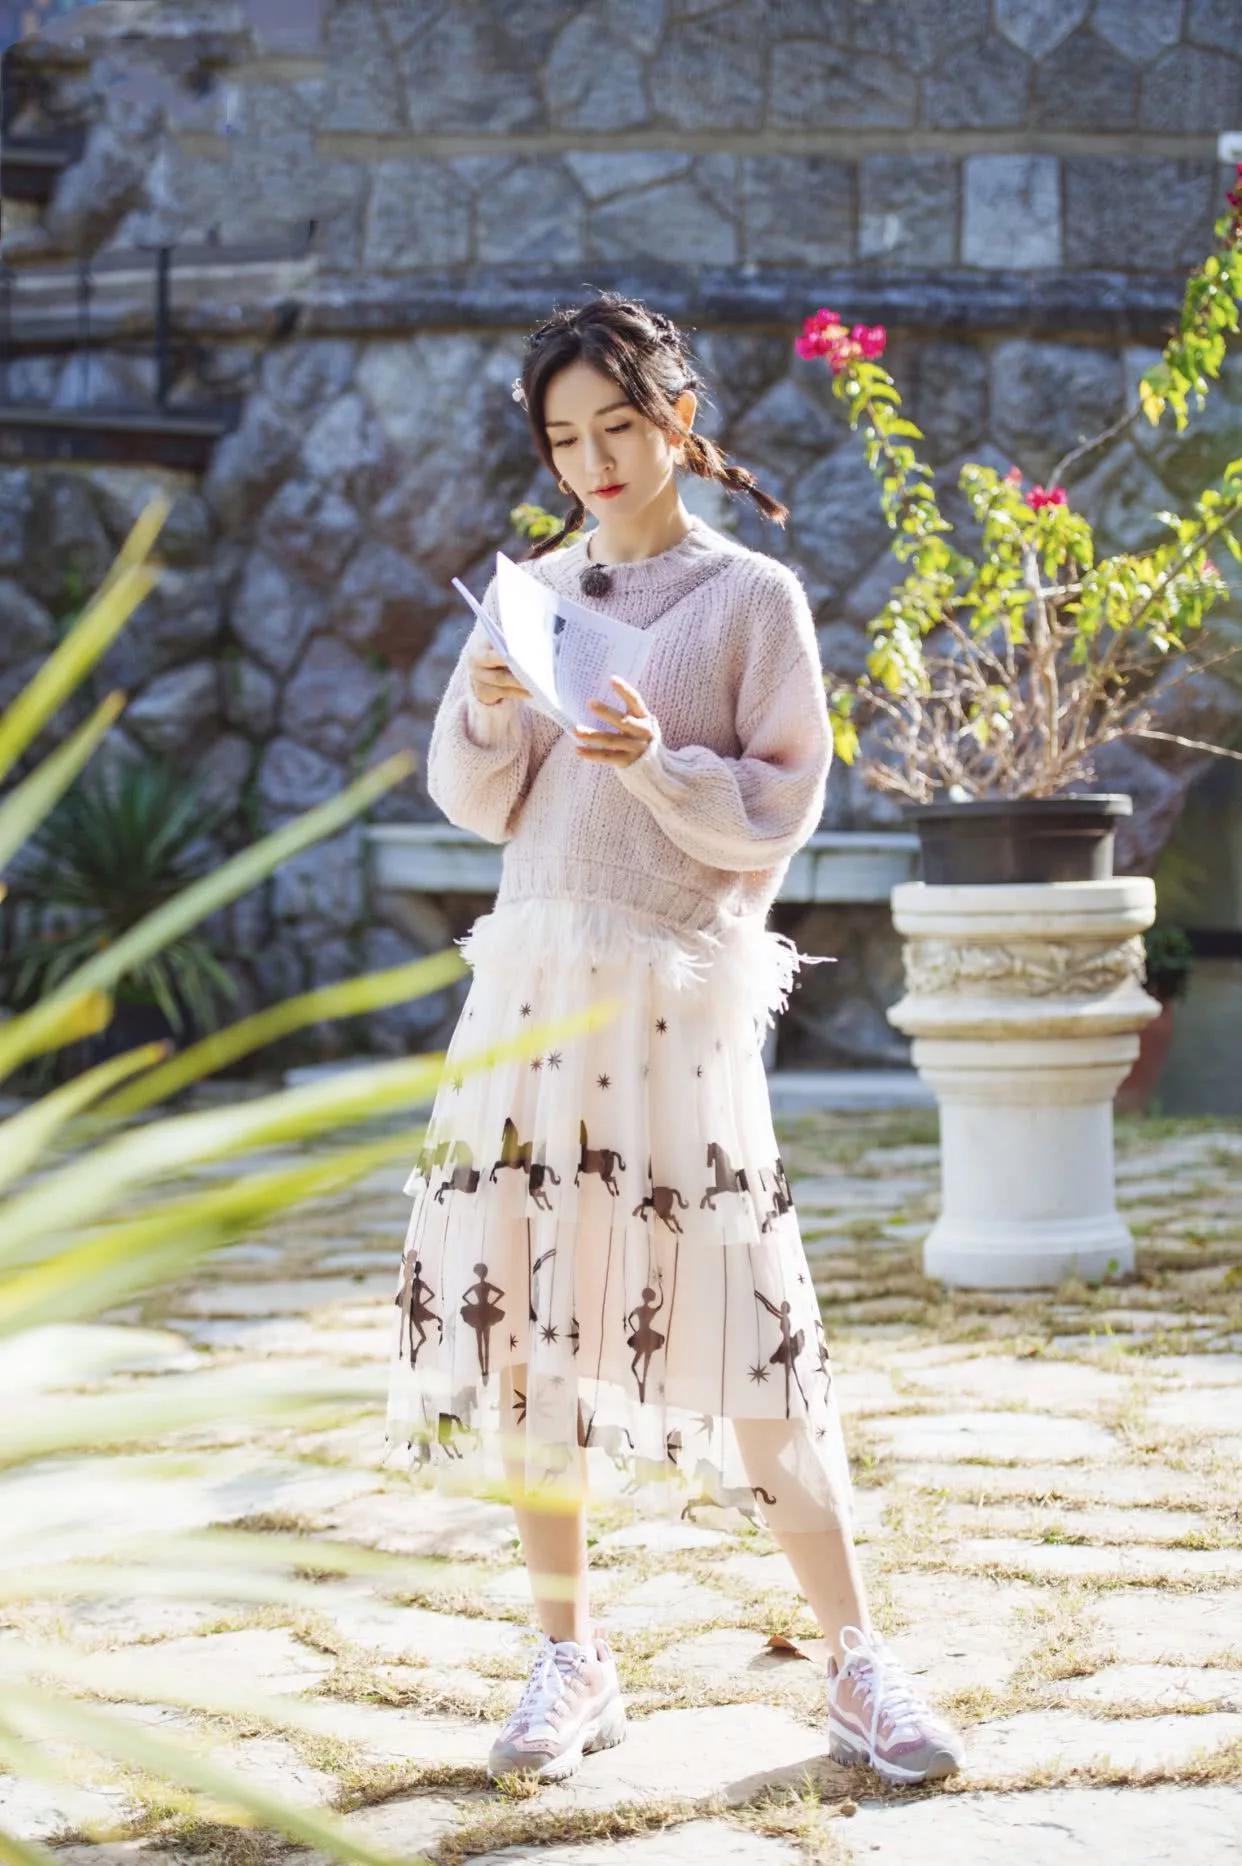 39岁谢娜穿条纹长裙演绎异域风情,梳七彩脏辫配橘色开衫,太显嫩